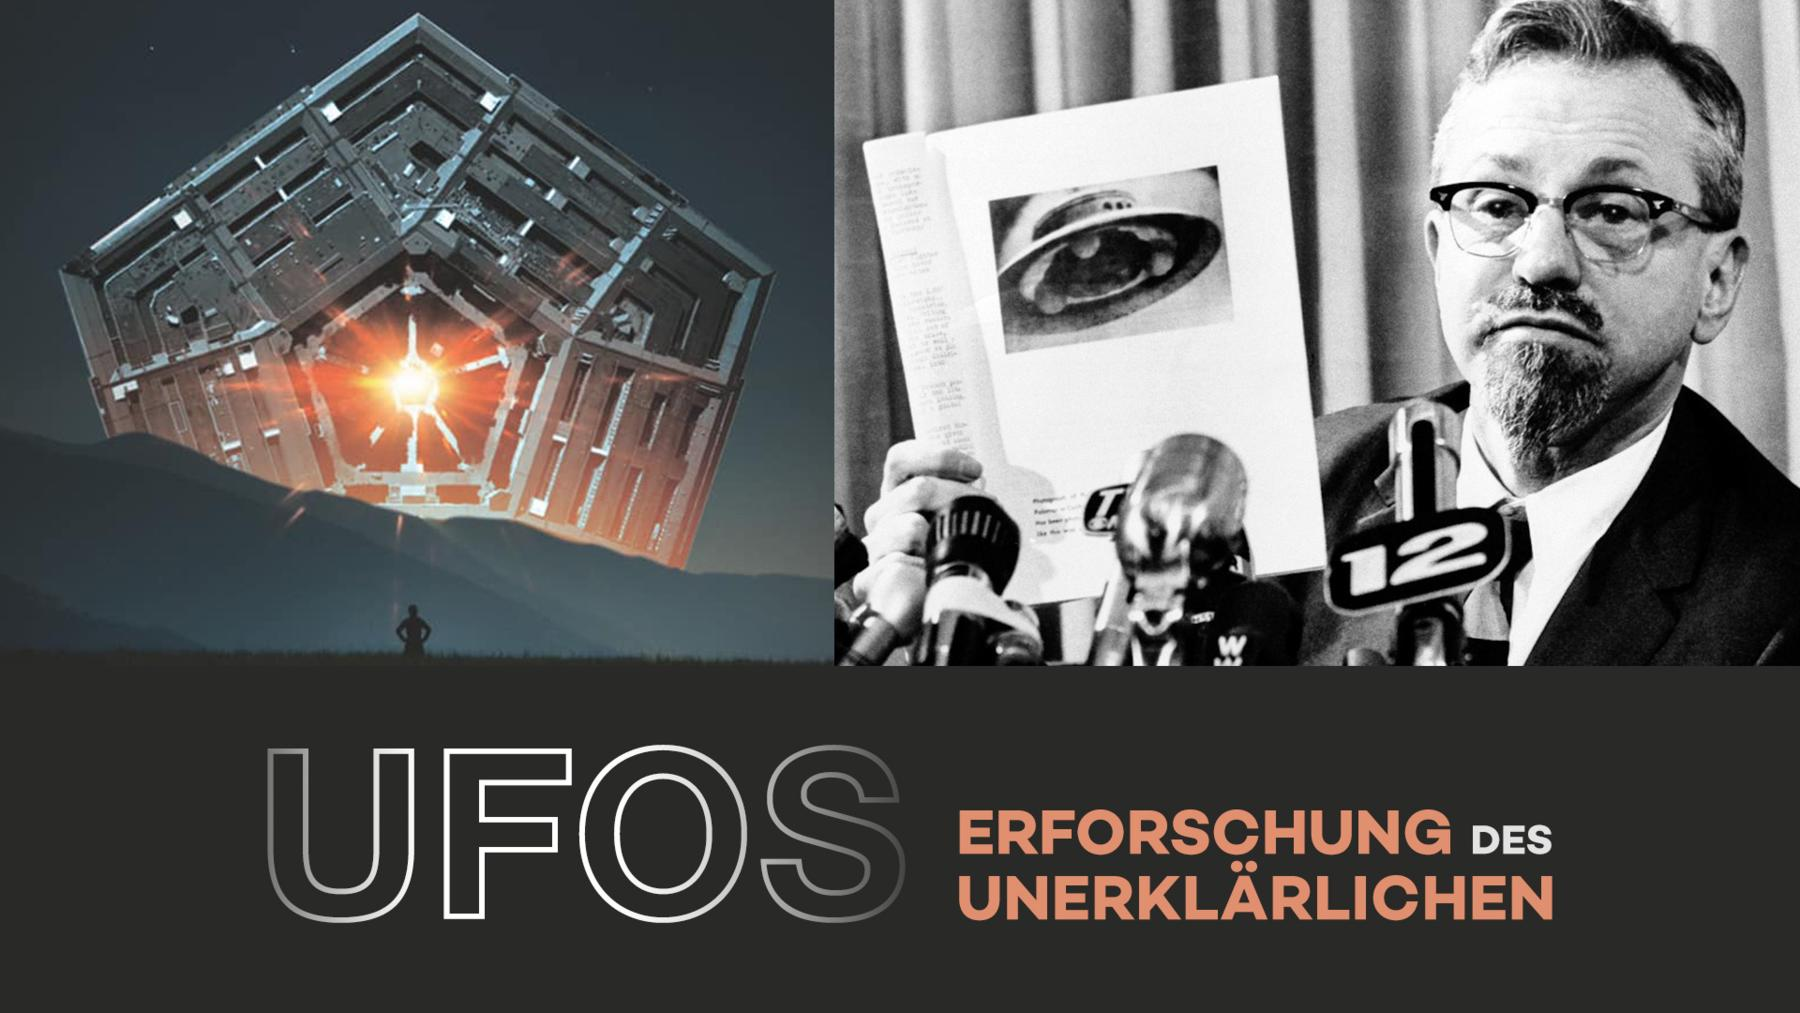 ufos-erforschung-des-unerklaerlichen